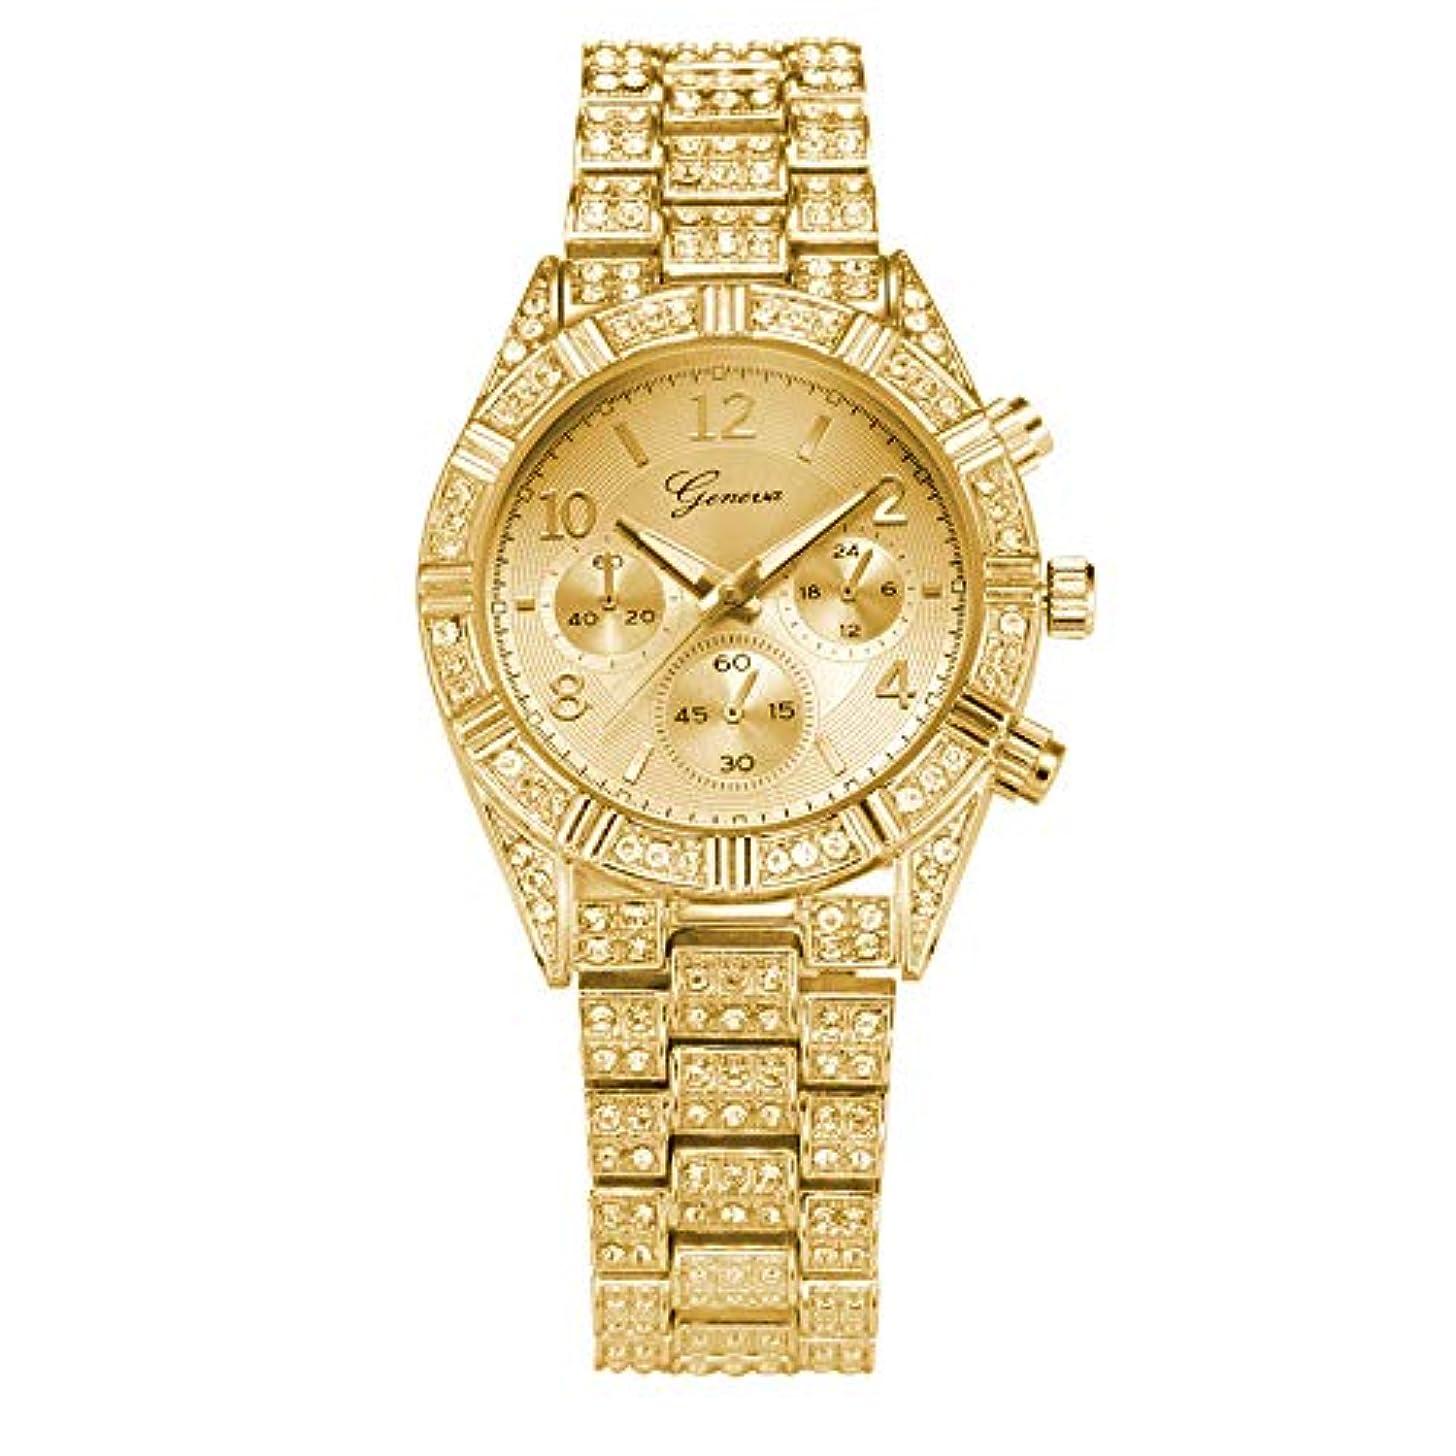 Wrist Watches for Women Under 5 ? Fashion Stainless Steel Geneva Luxury Women Crystal Quartz Analog Wrist Watch